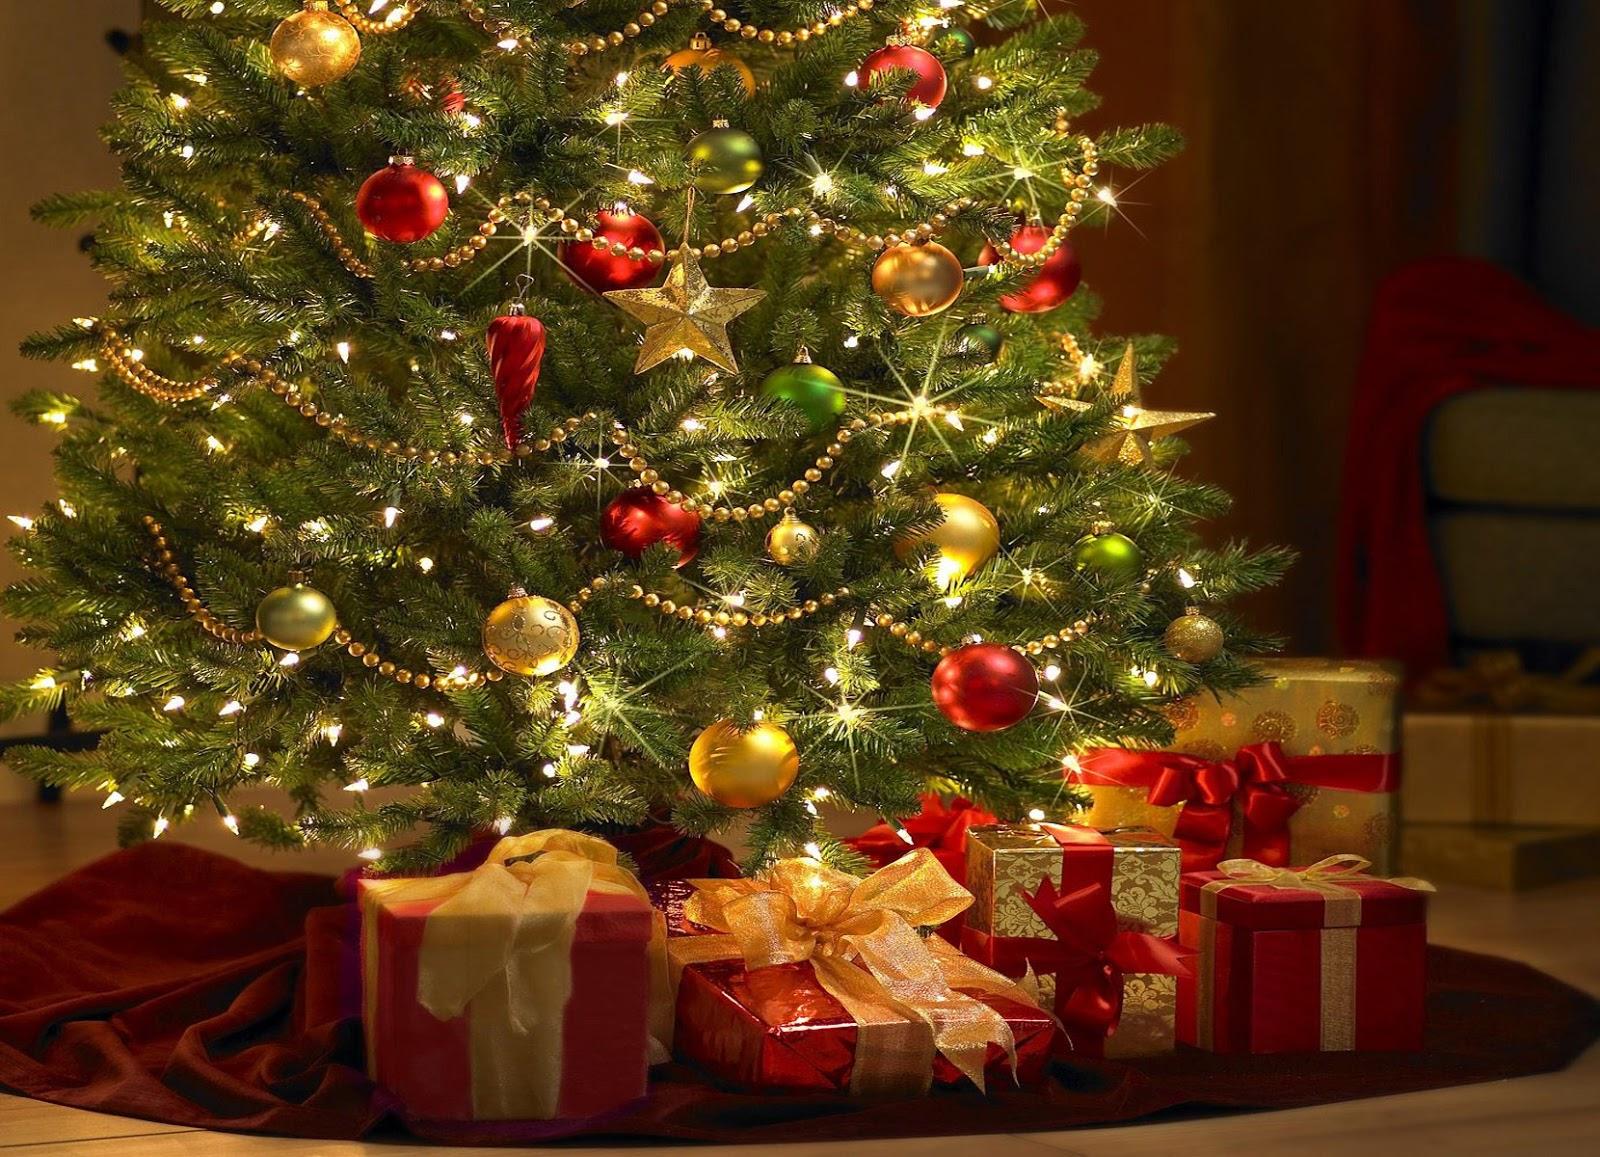 descubre nuestros menús de grupo para navidad y eventos carpaccio